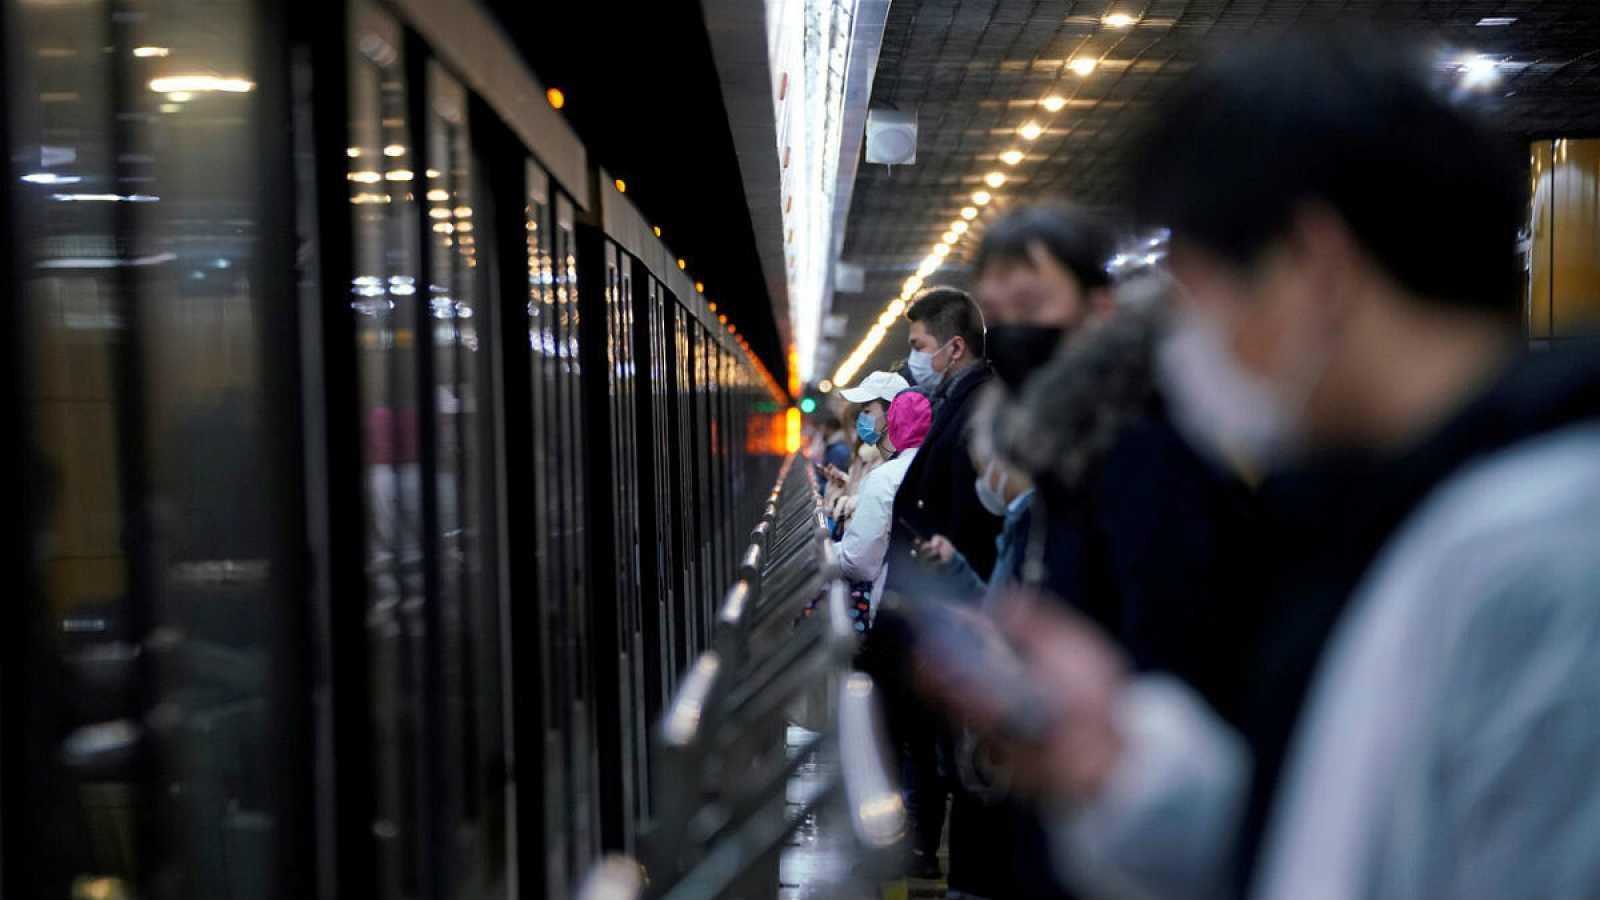 El metro de Shánghai en pleno brote del COVID-19, cuando había menos restricciones de circulación.